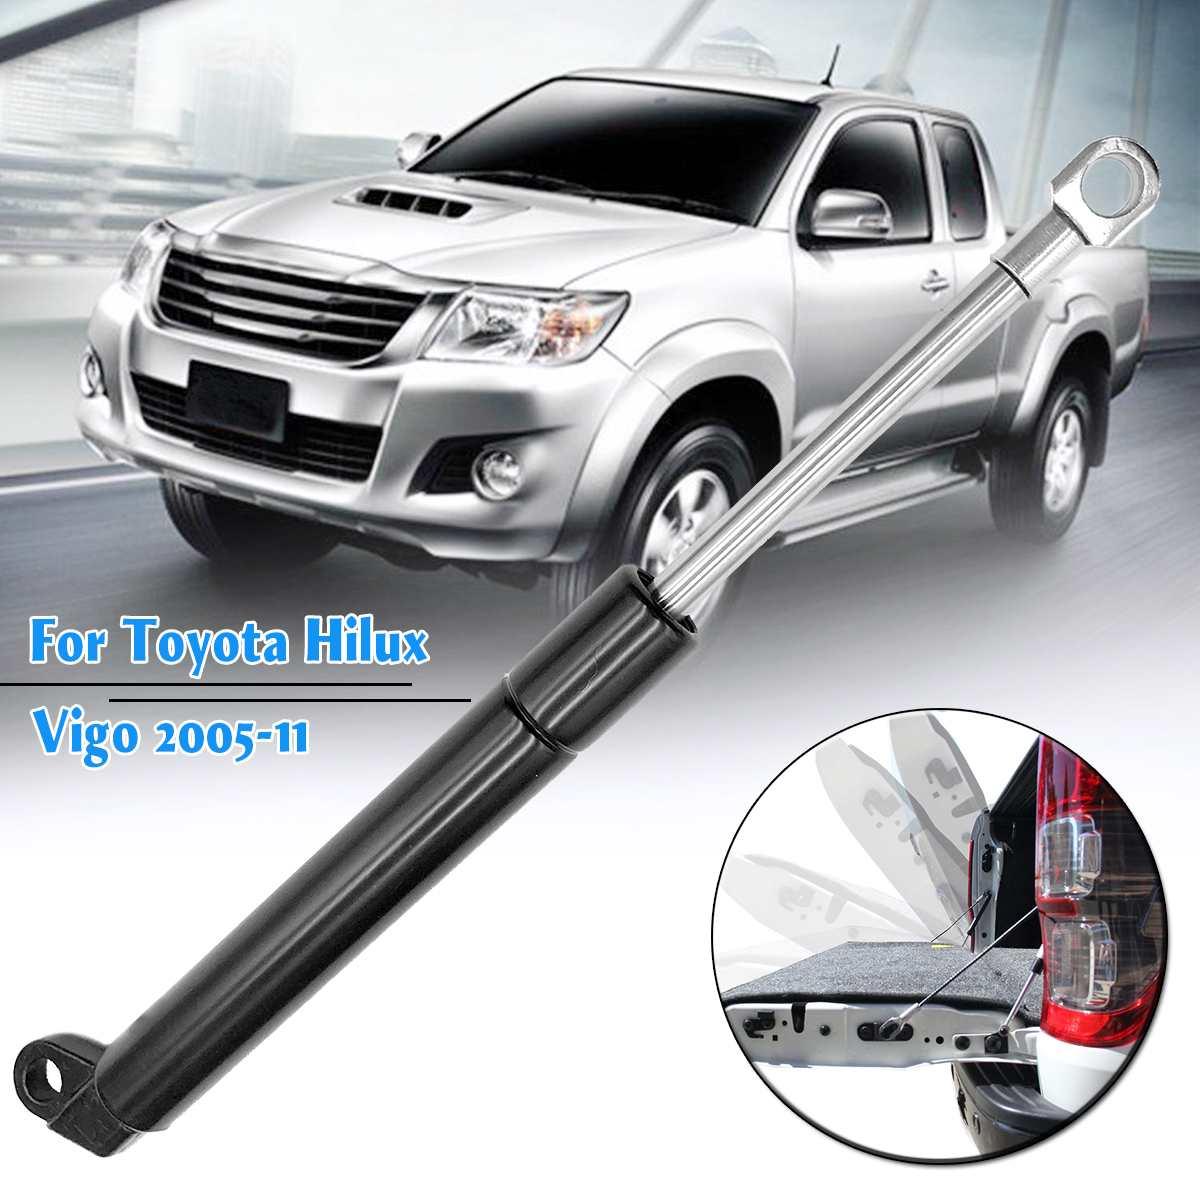 1 adet Bagaj Kapağı Yavaşlamak için Arka Gövde Kapı Dikmesi Damper Gazı Yayı Toyota Hilux Vigo 2005 Için 2006 2007 2008 2009 2010 2011